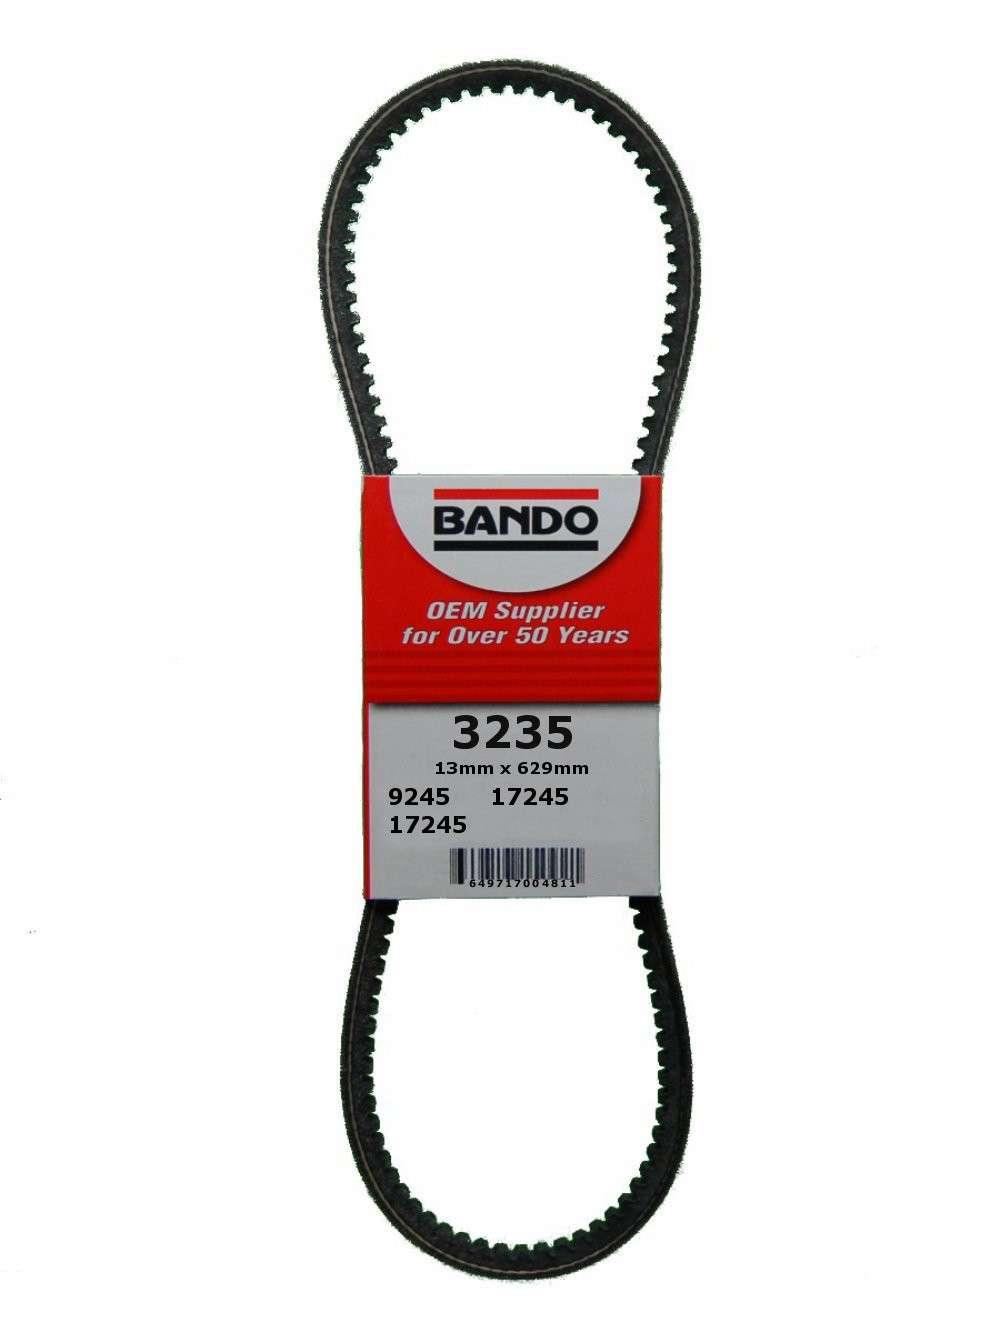 BANDO - Accessory Drive Belt - BWO 3235